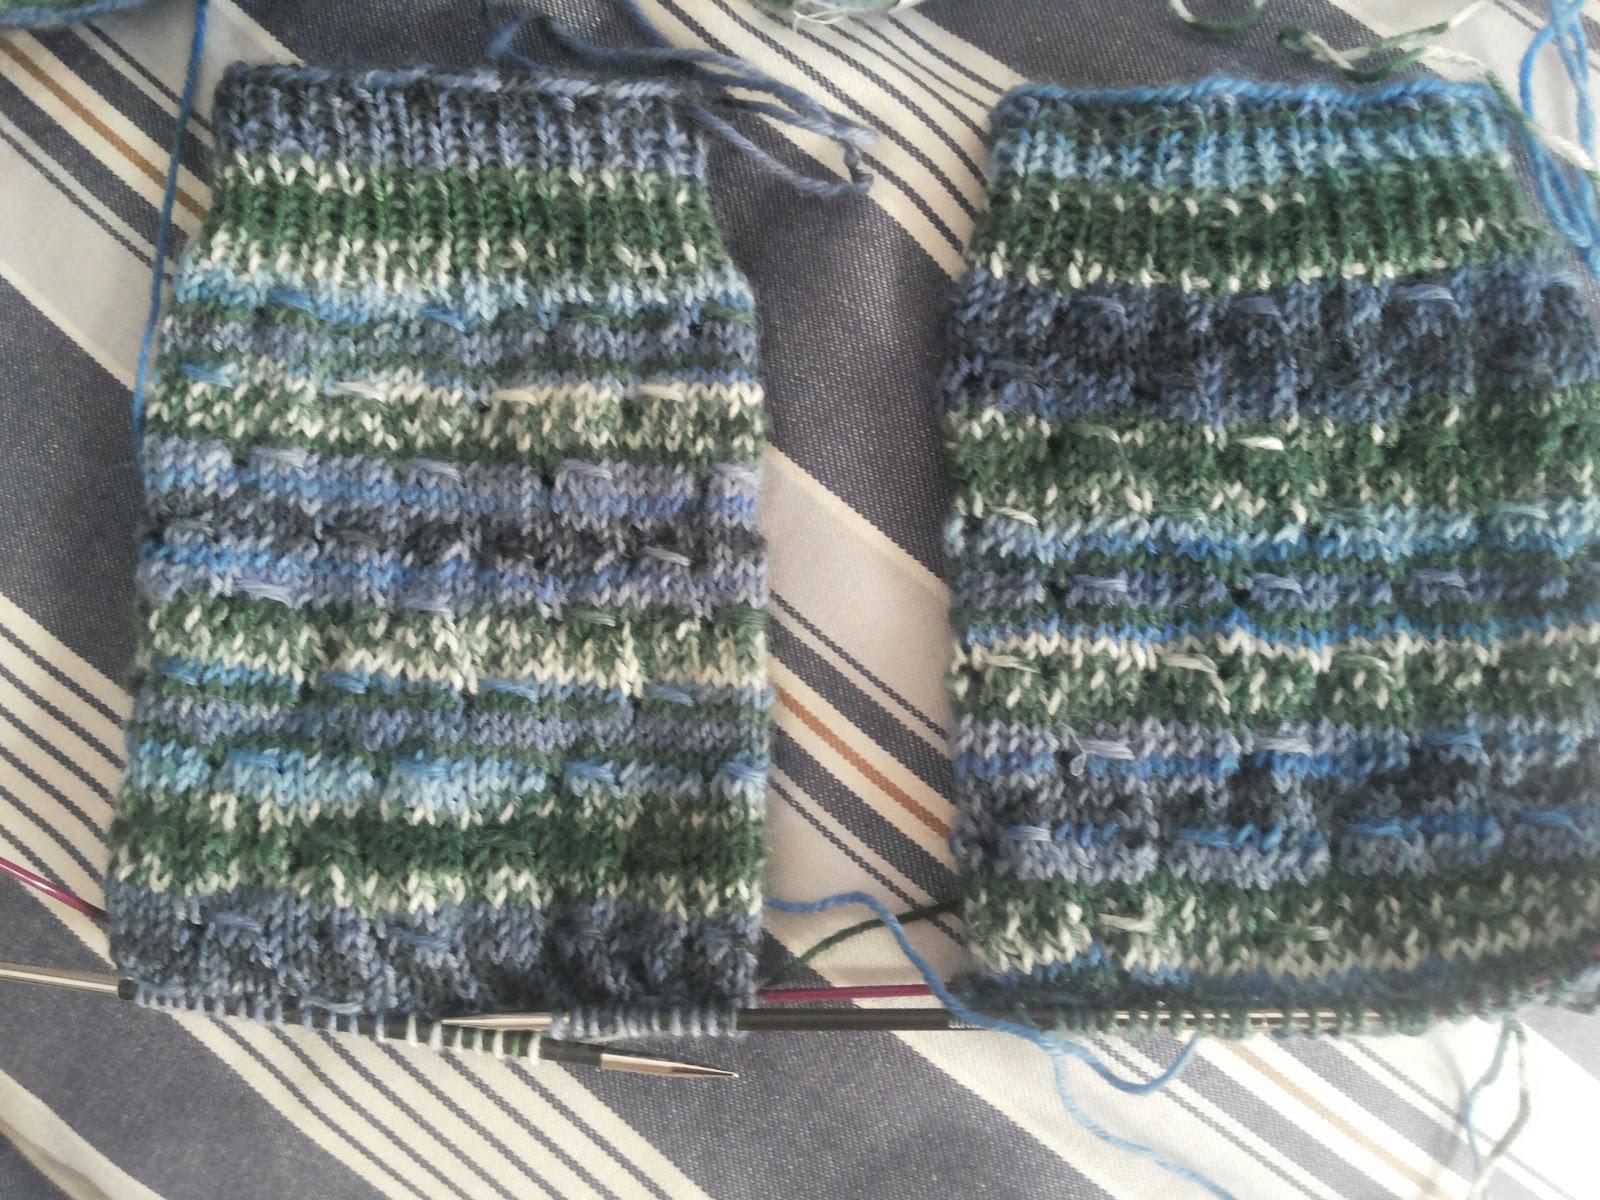 Tejiendo en la Isla: Arne y Carlos diseñan lana para mis calcetines